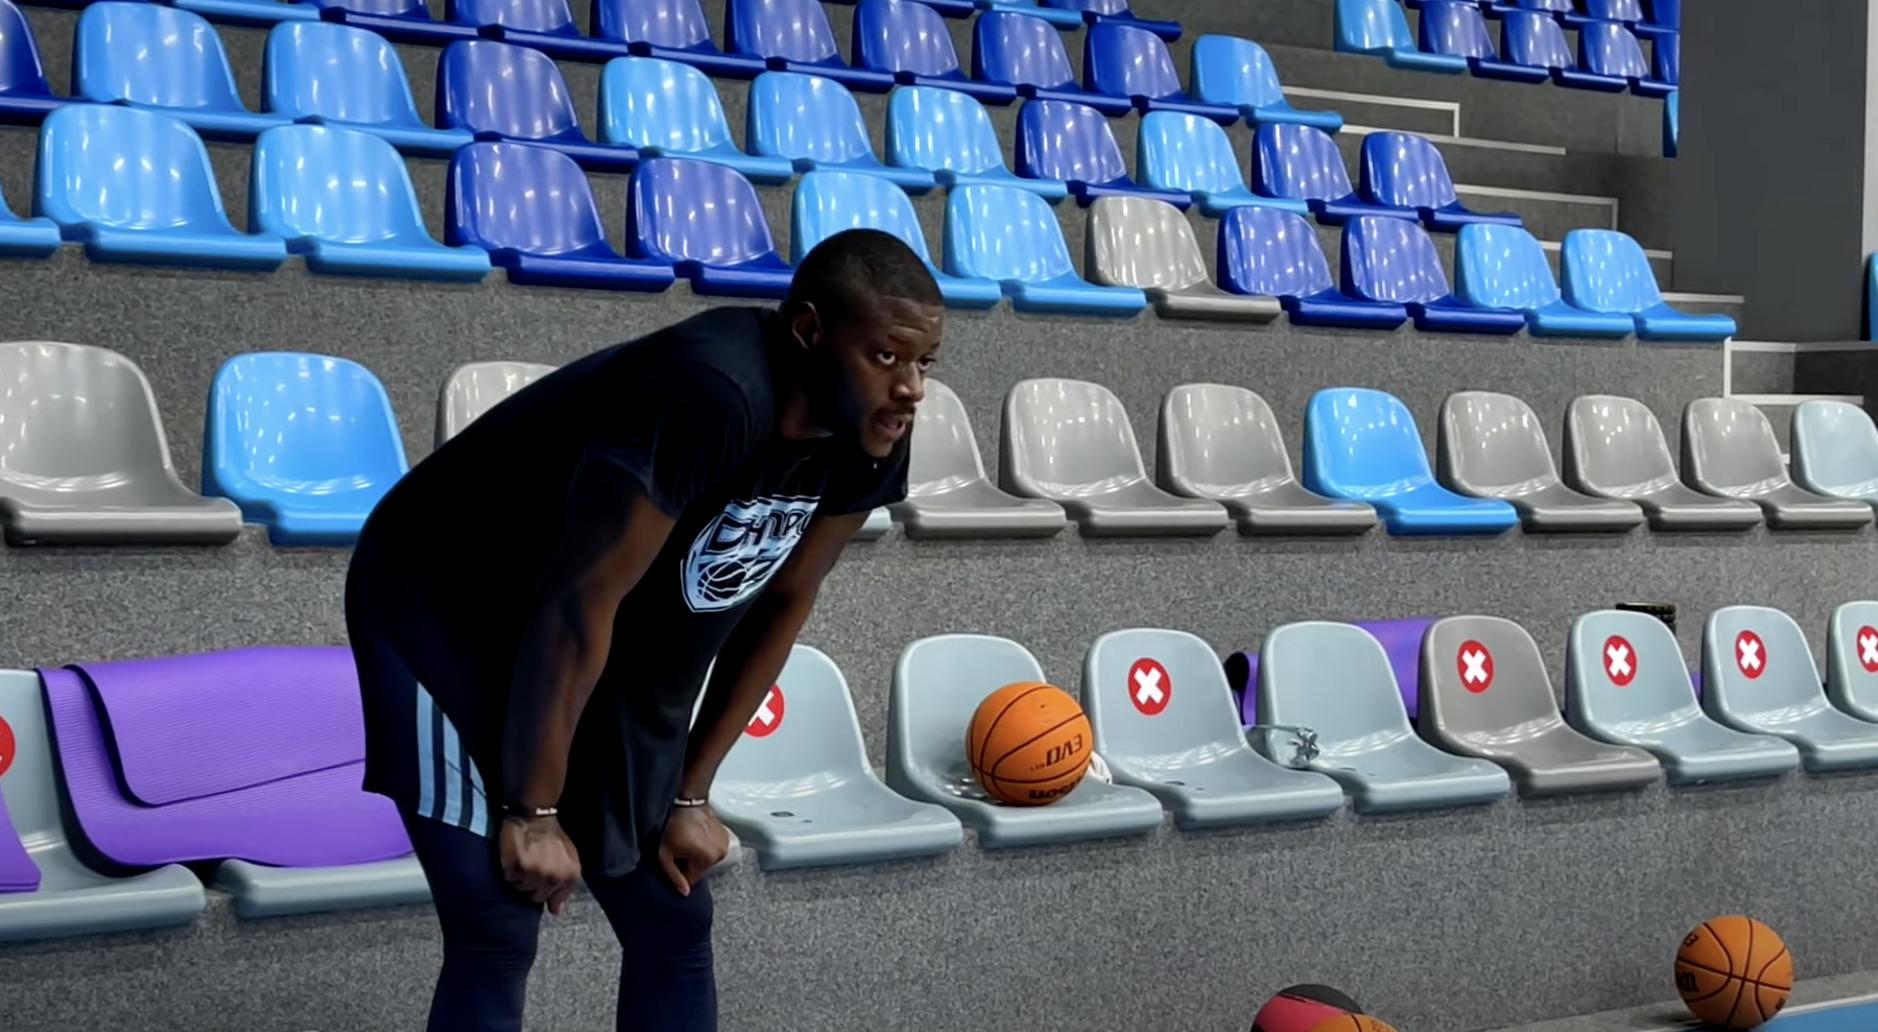 Екс-гравець НБА Роулі Олкінс провів перше тренування з Дніпром: відео